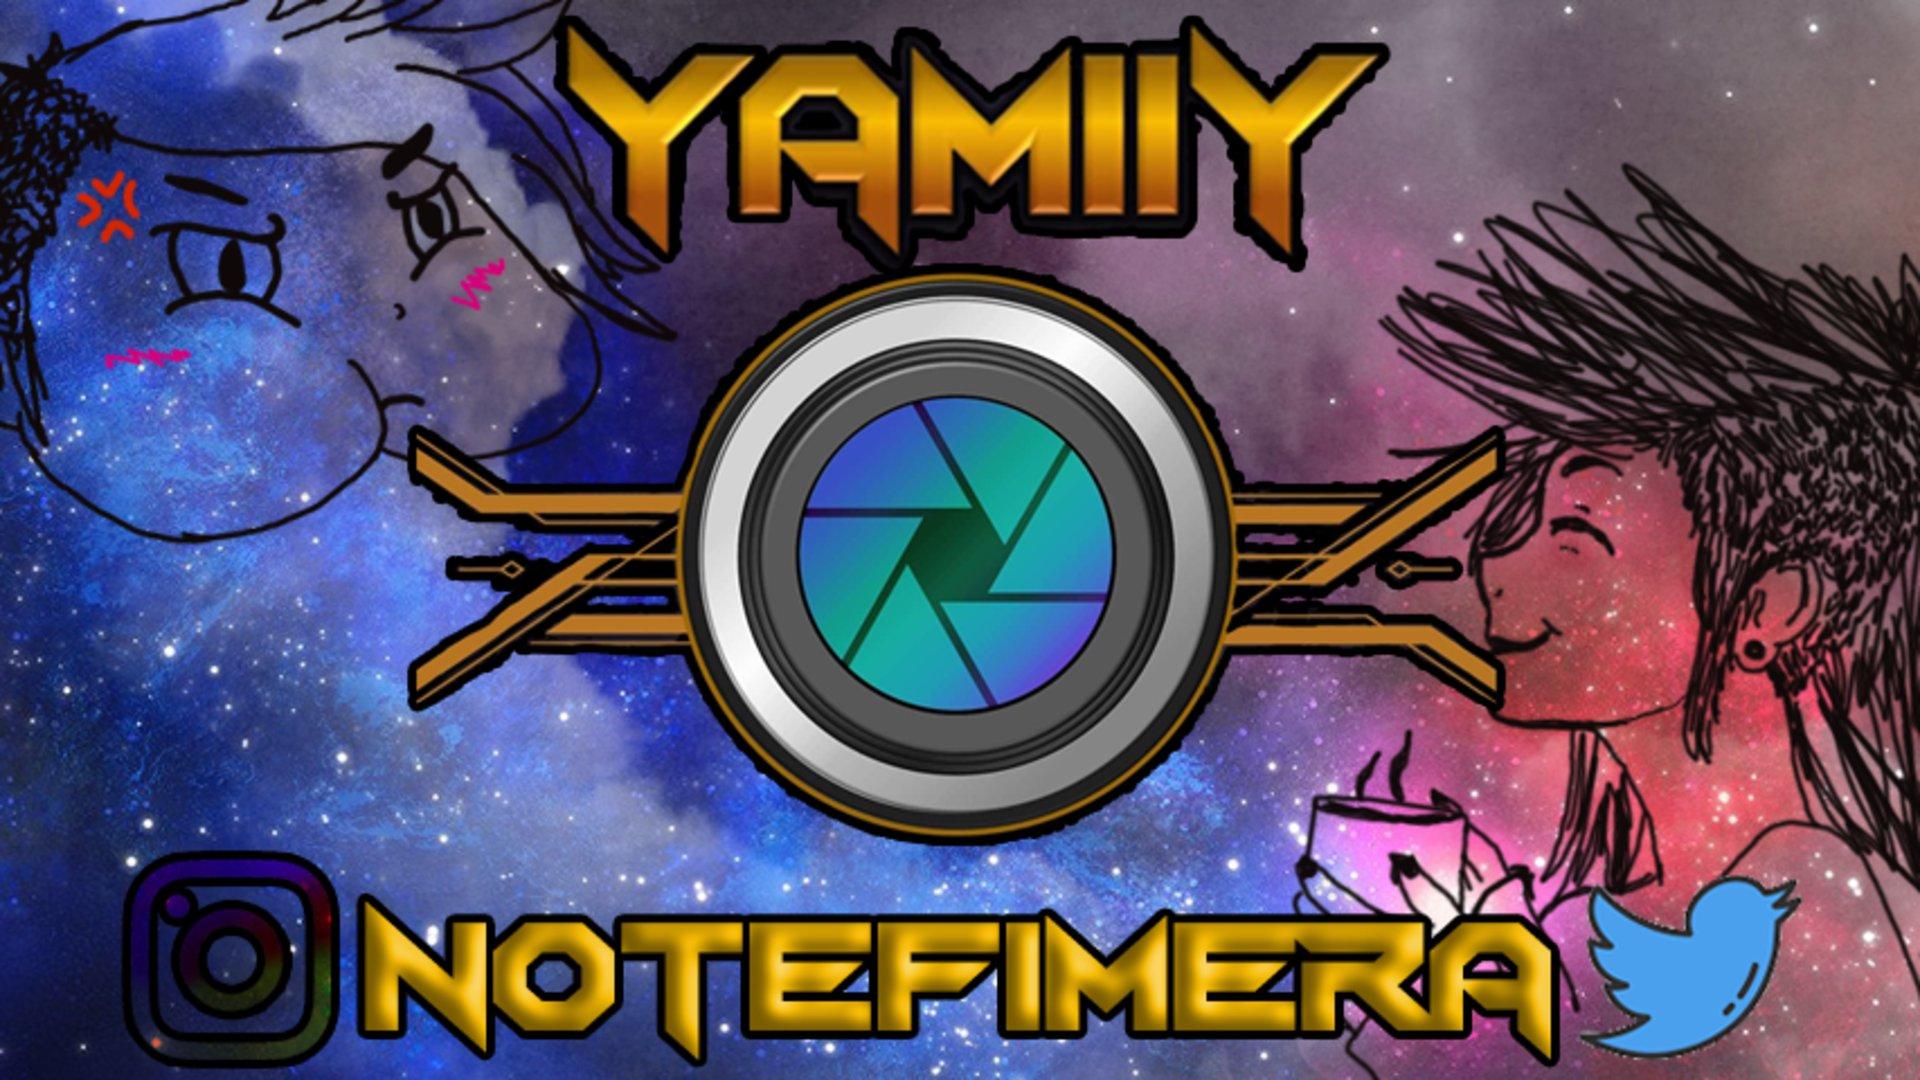 Yamiiy